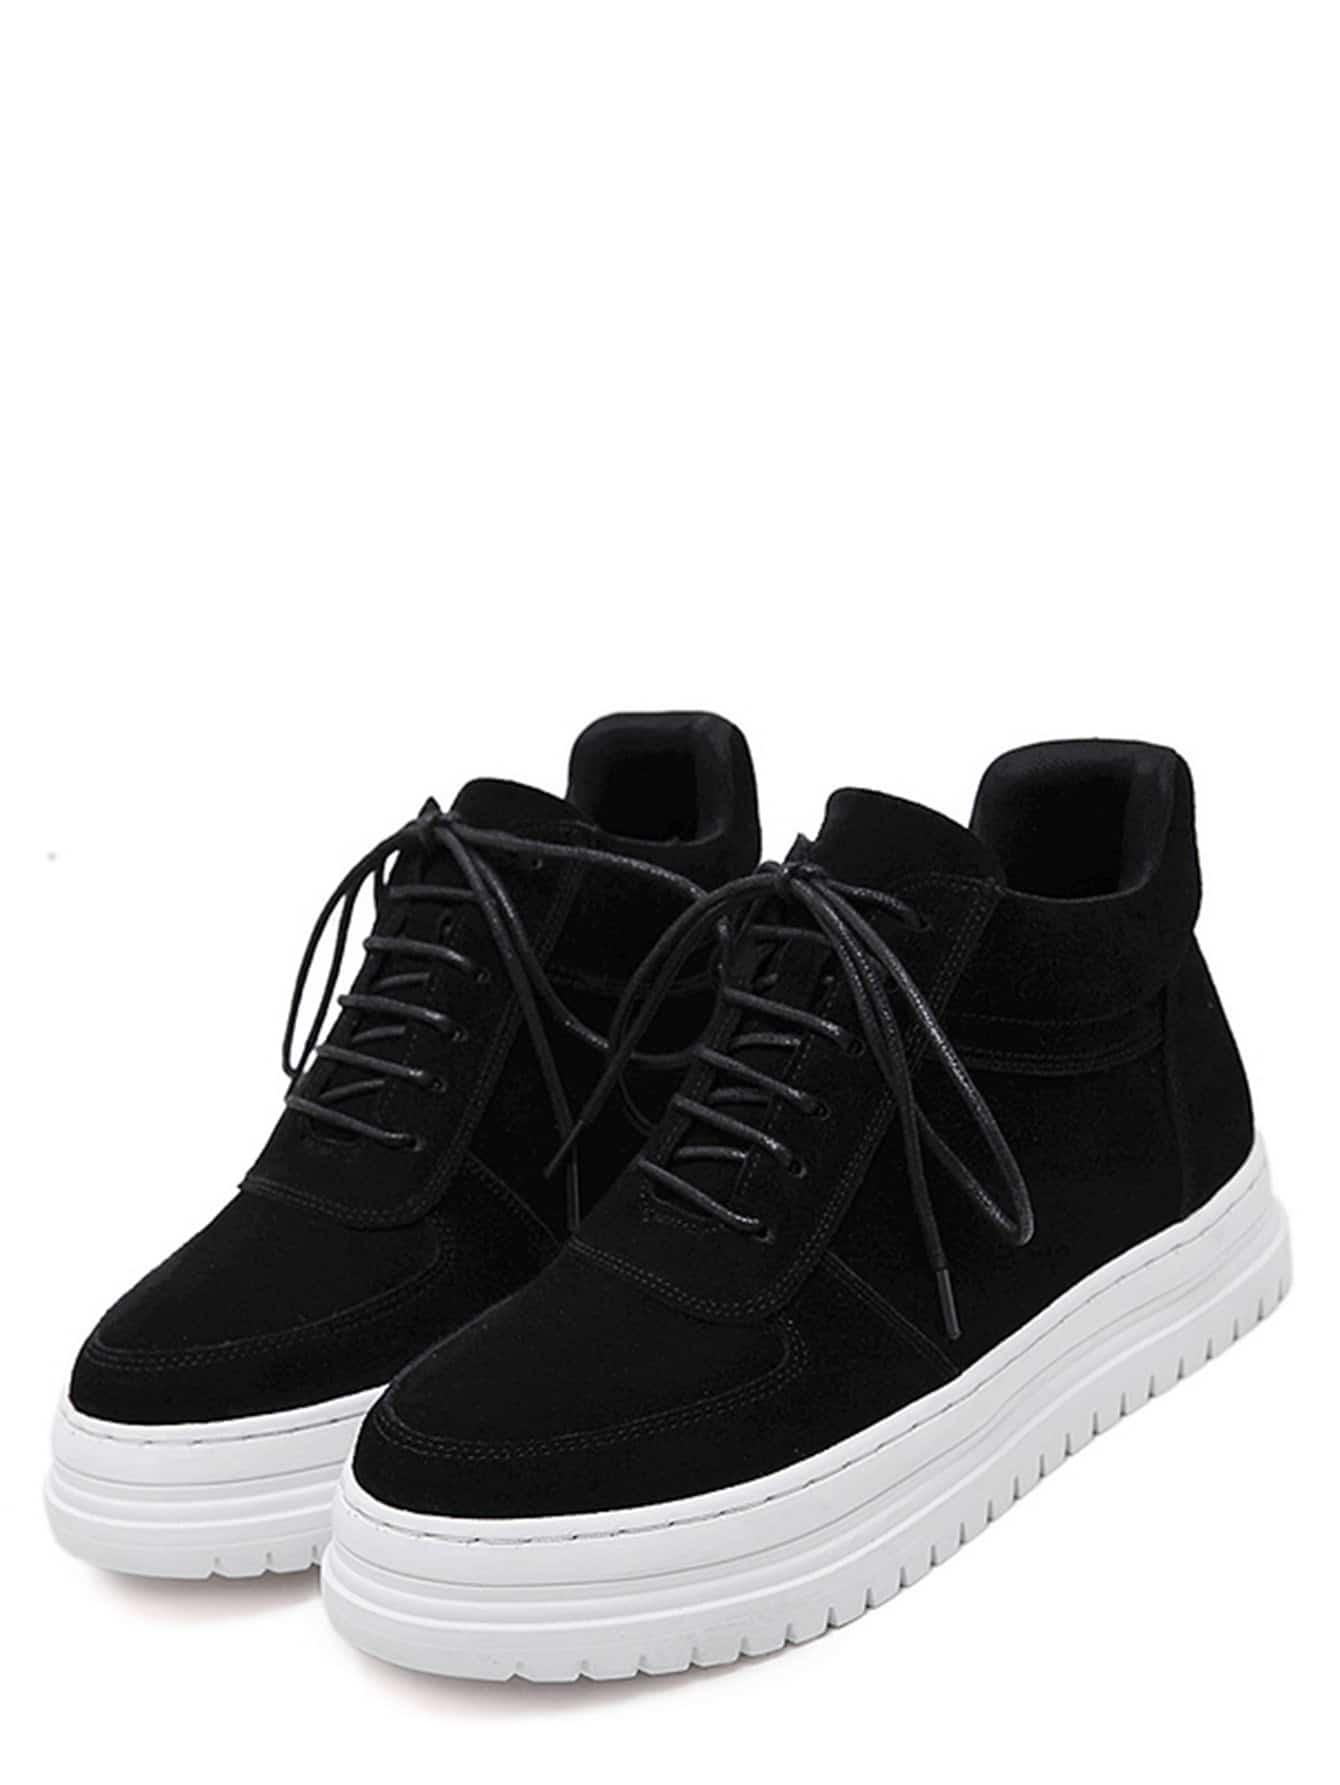 shoes161019808_2